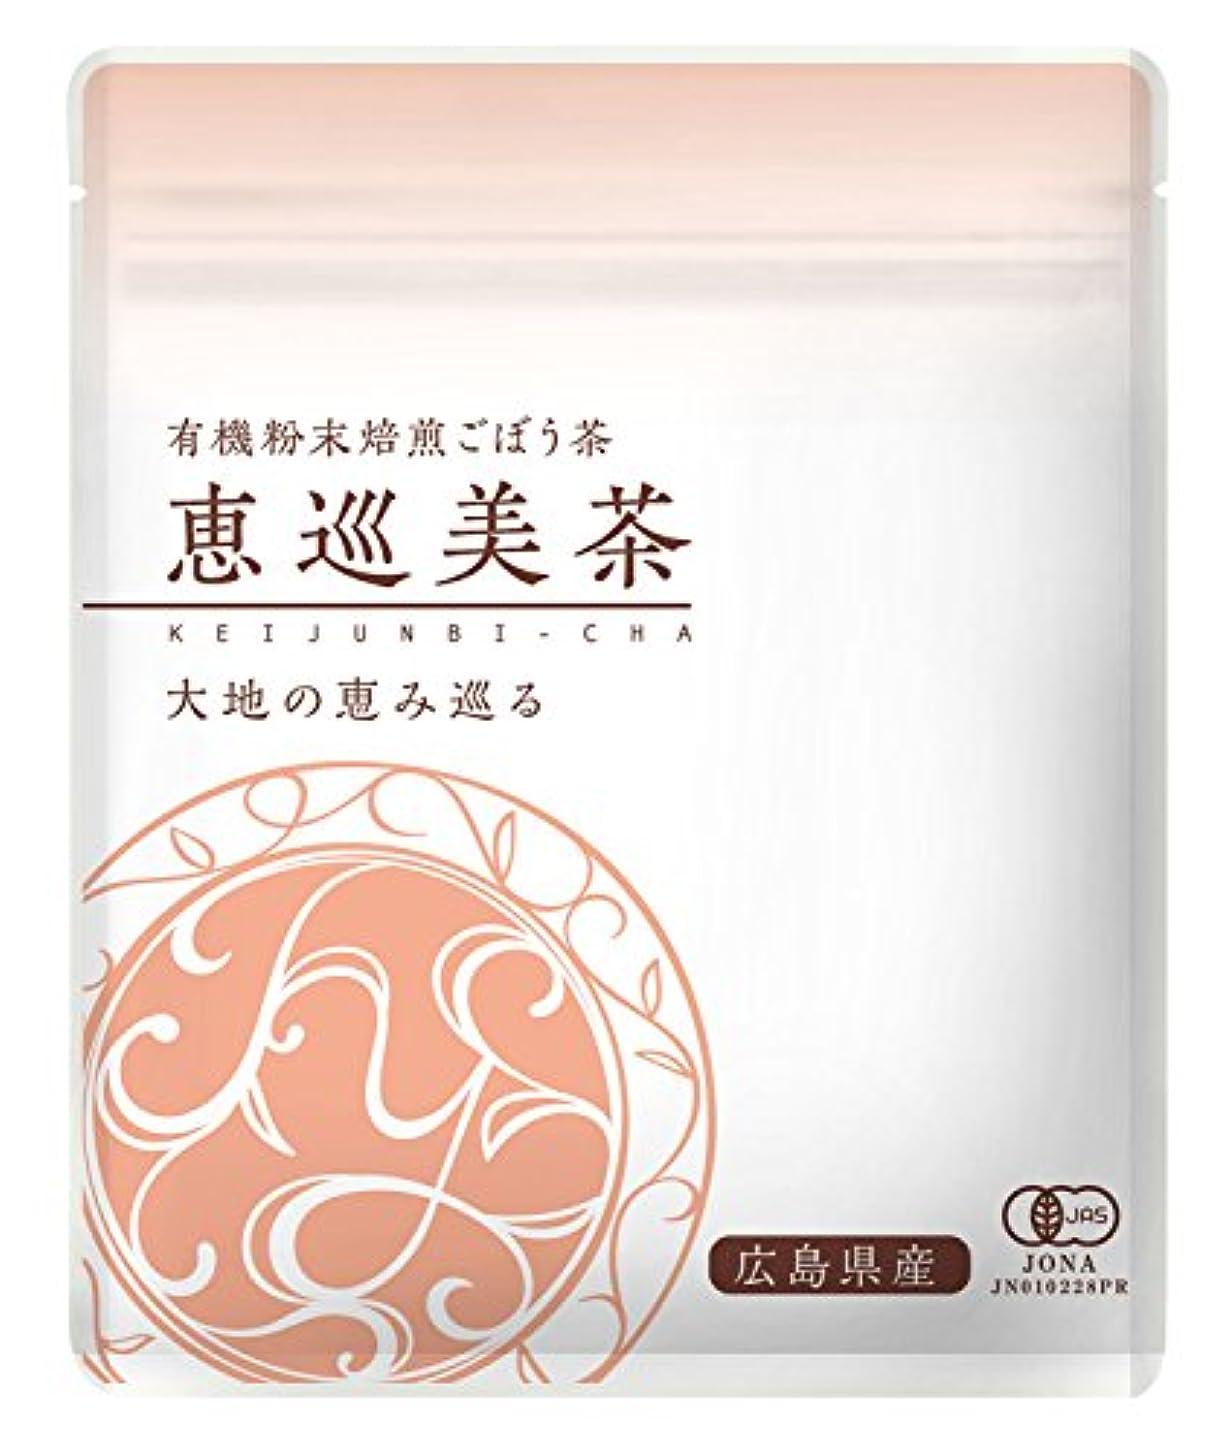 識別系統的道徳のこだま食品 恵巡美茶有機粉末焙煎ごぼう茶 2g×15包 302037009